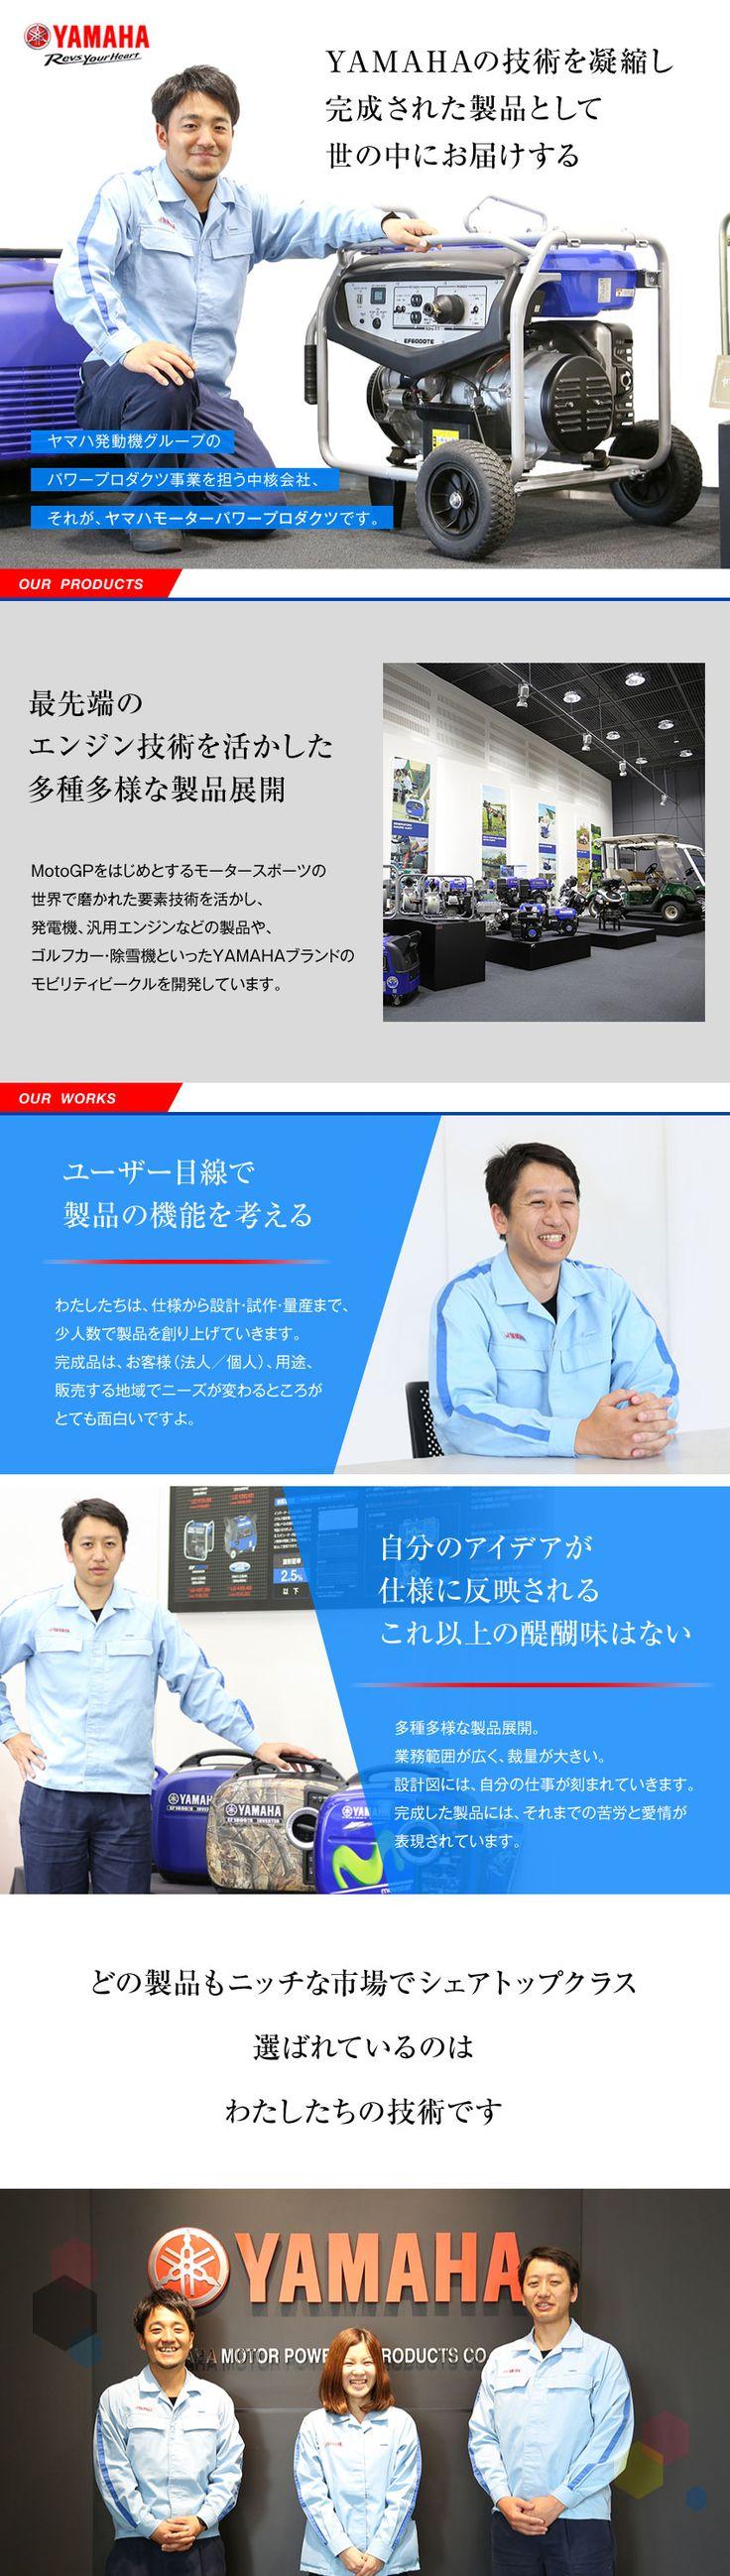 ヤマハモーターパワープロダクツ株式会社/ヤマハ発動機株式会社100%出資企業/YAMAHAブランドの製品開発エンジニア(機械設計・組込みソフト)の求人PR - 転職ならDODA(デューダ)